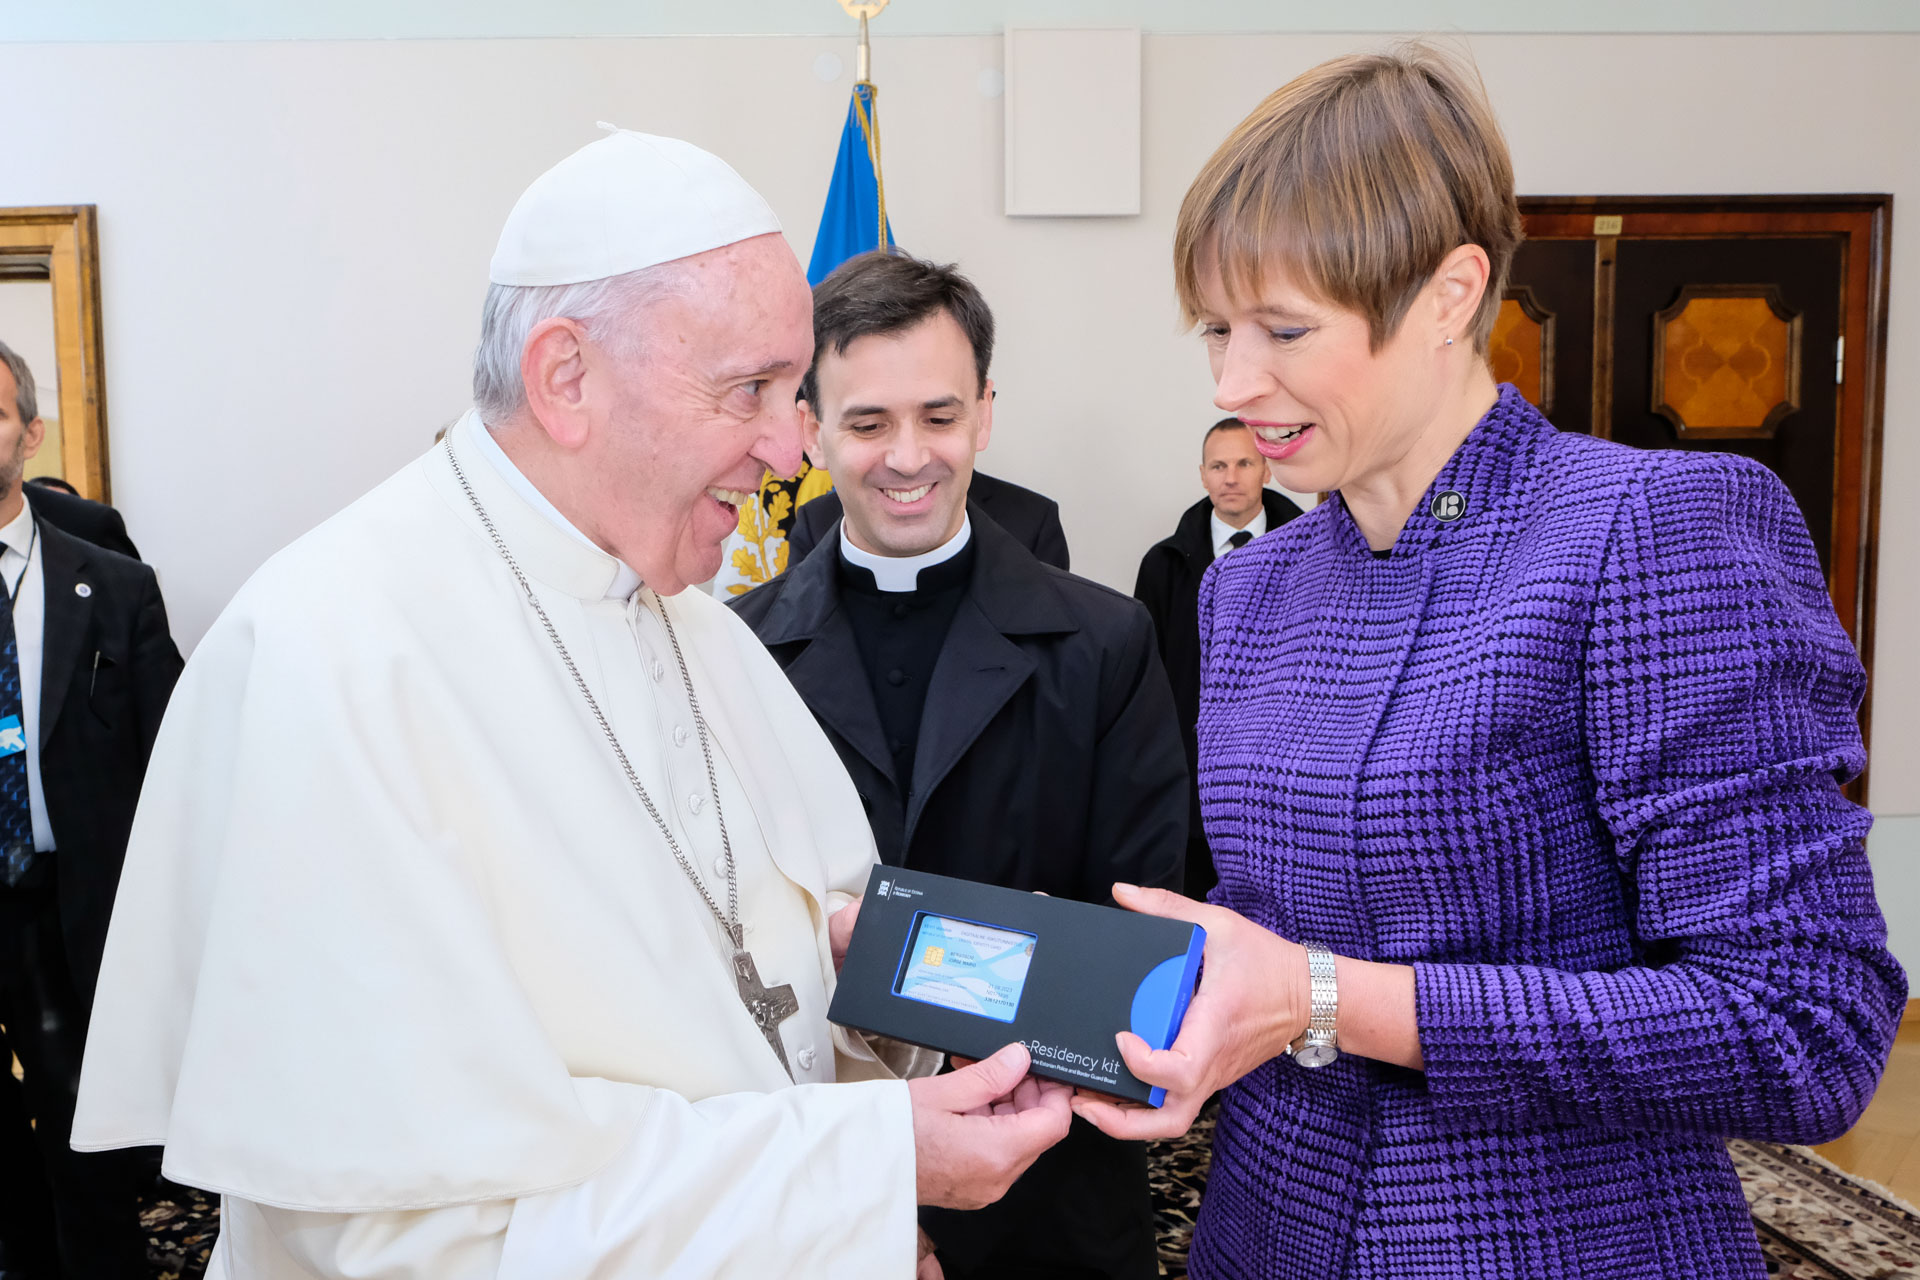 Папа Франциск стал первым главой государства, который получил электронное резидентство Эстонии (+ ФОТО)